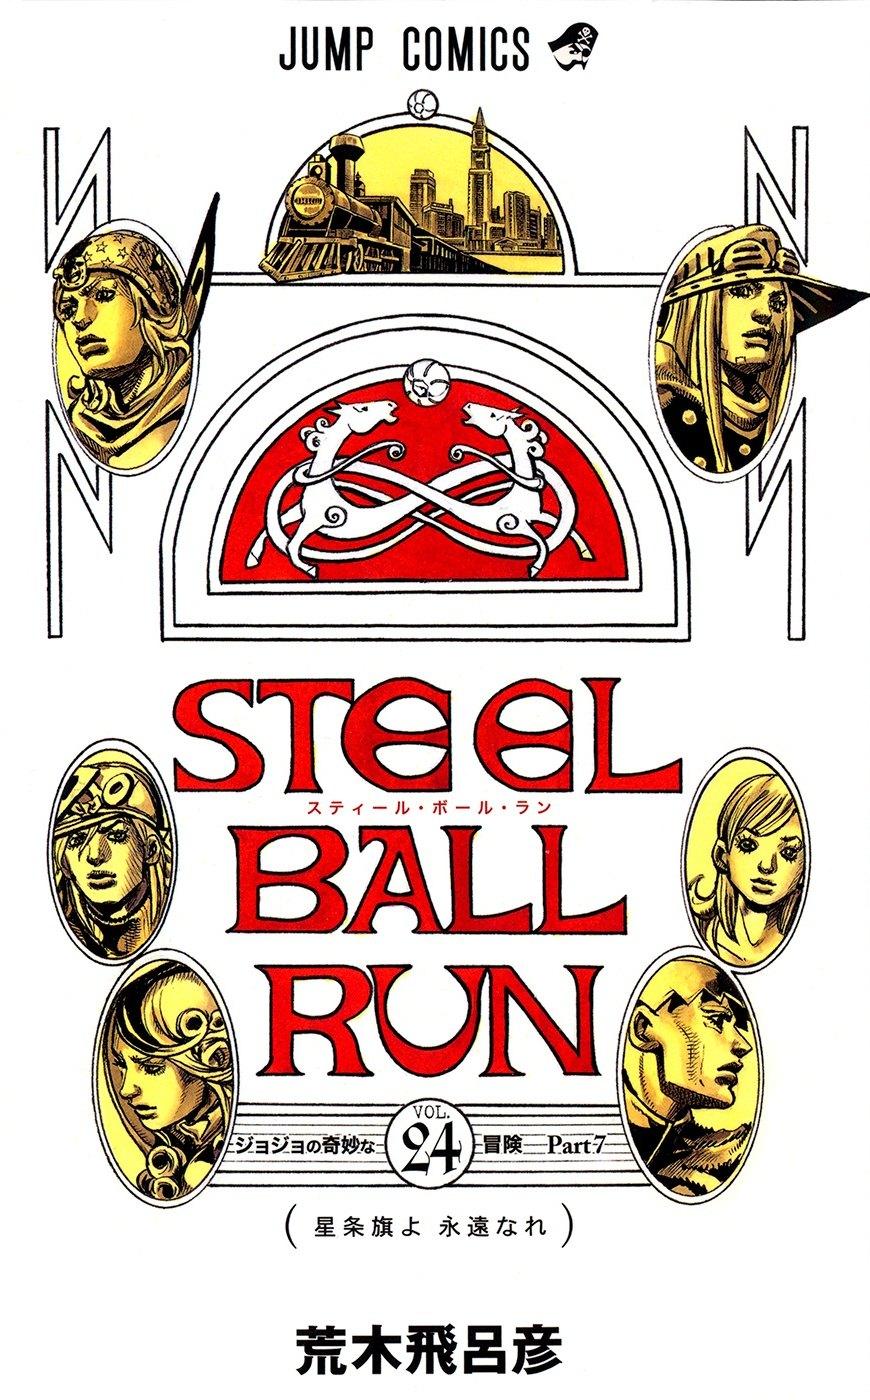 Descargar manga de Jojo's Bizarre Adventure Steel Ball Run en PDF por mega español